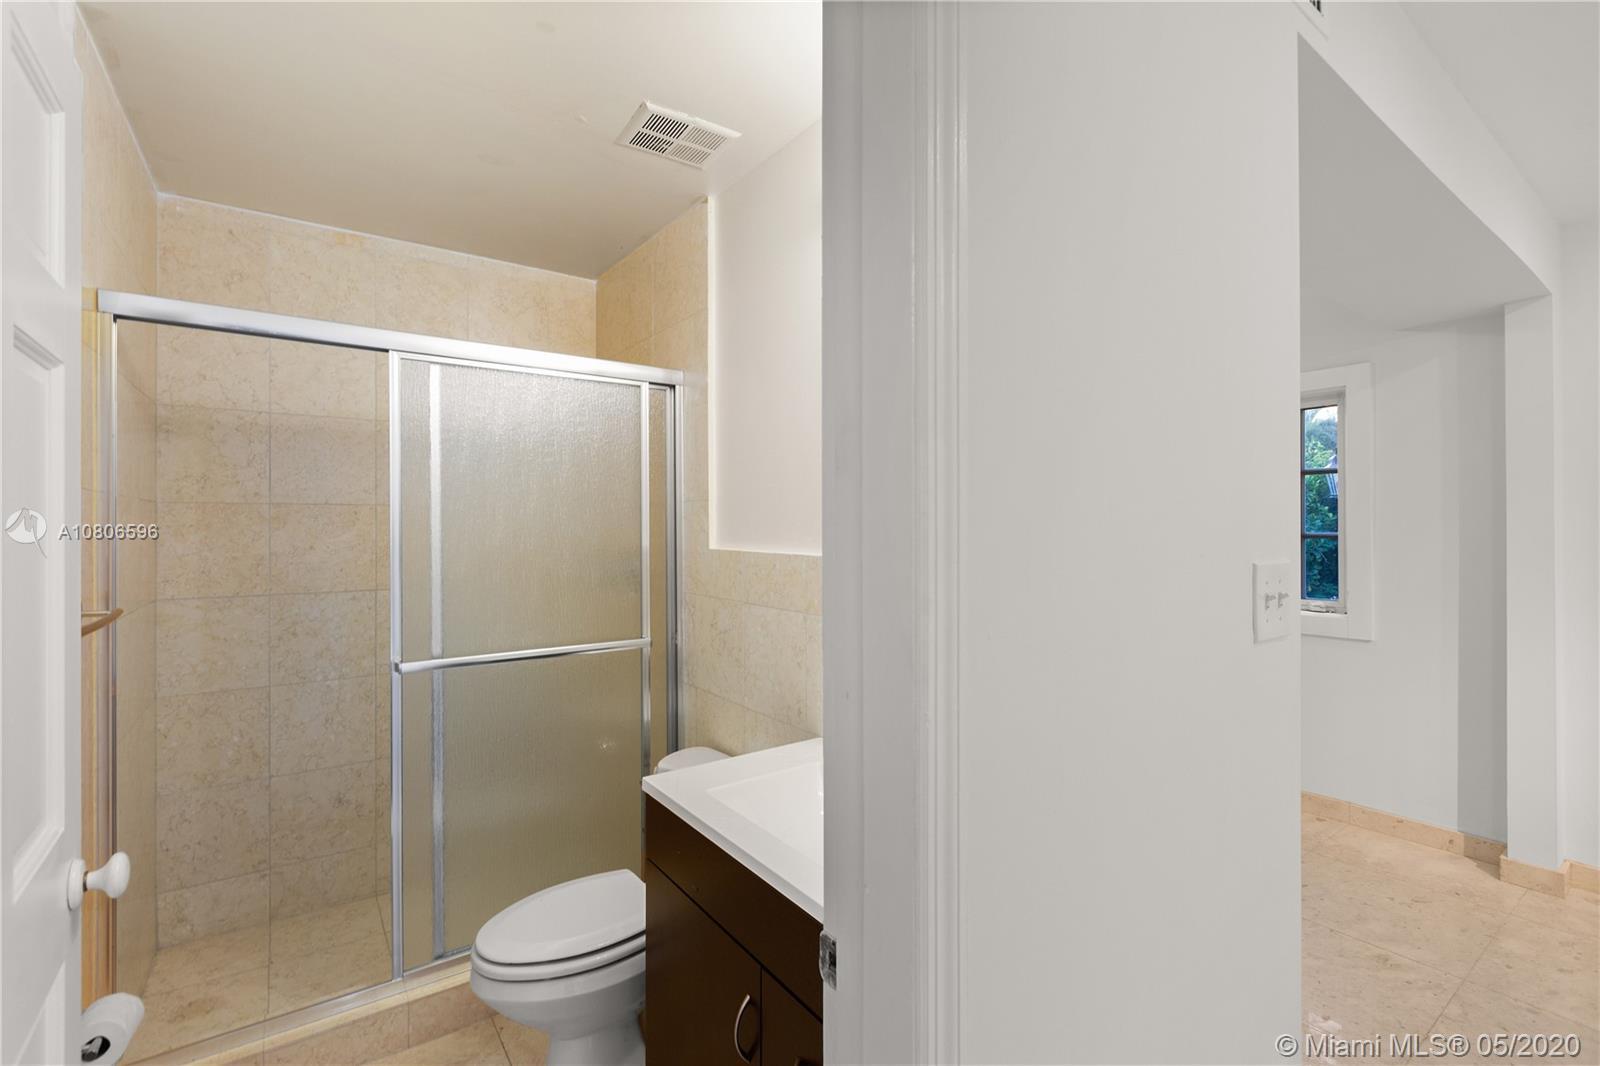 6750 Granada Blvd, Coral Gables, FL 33146